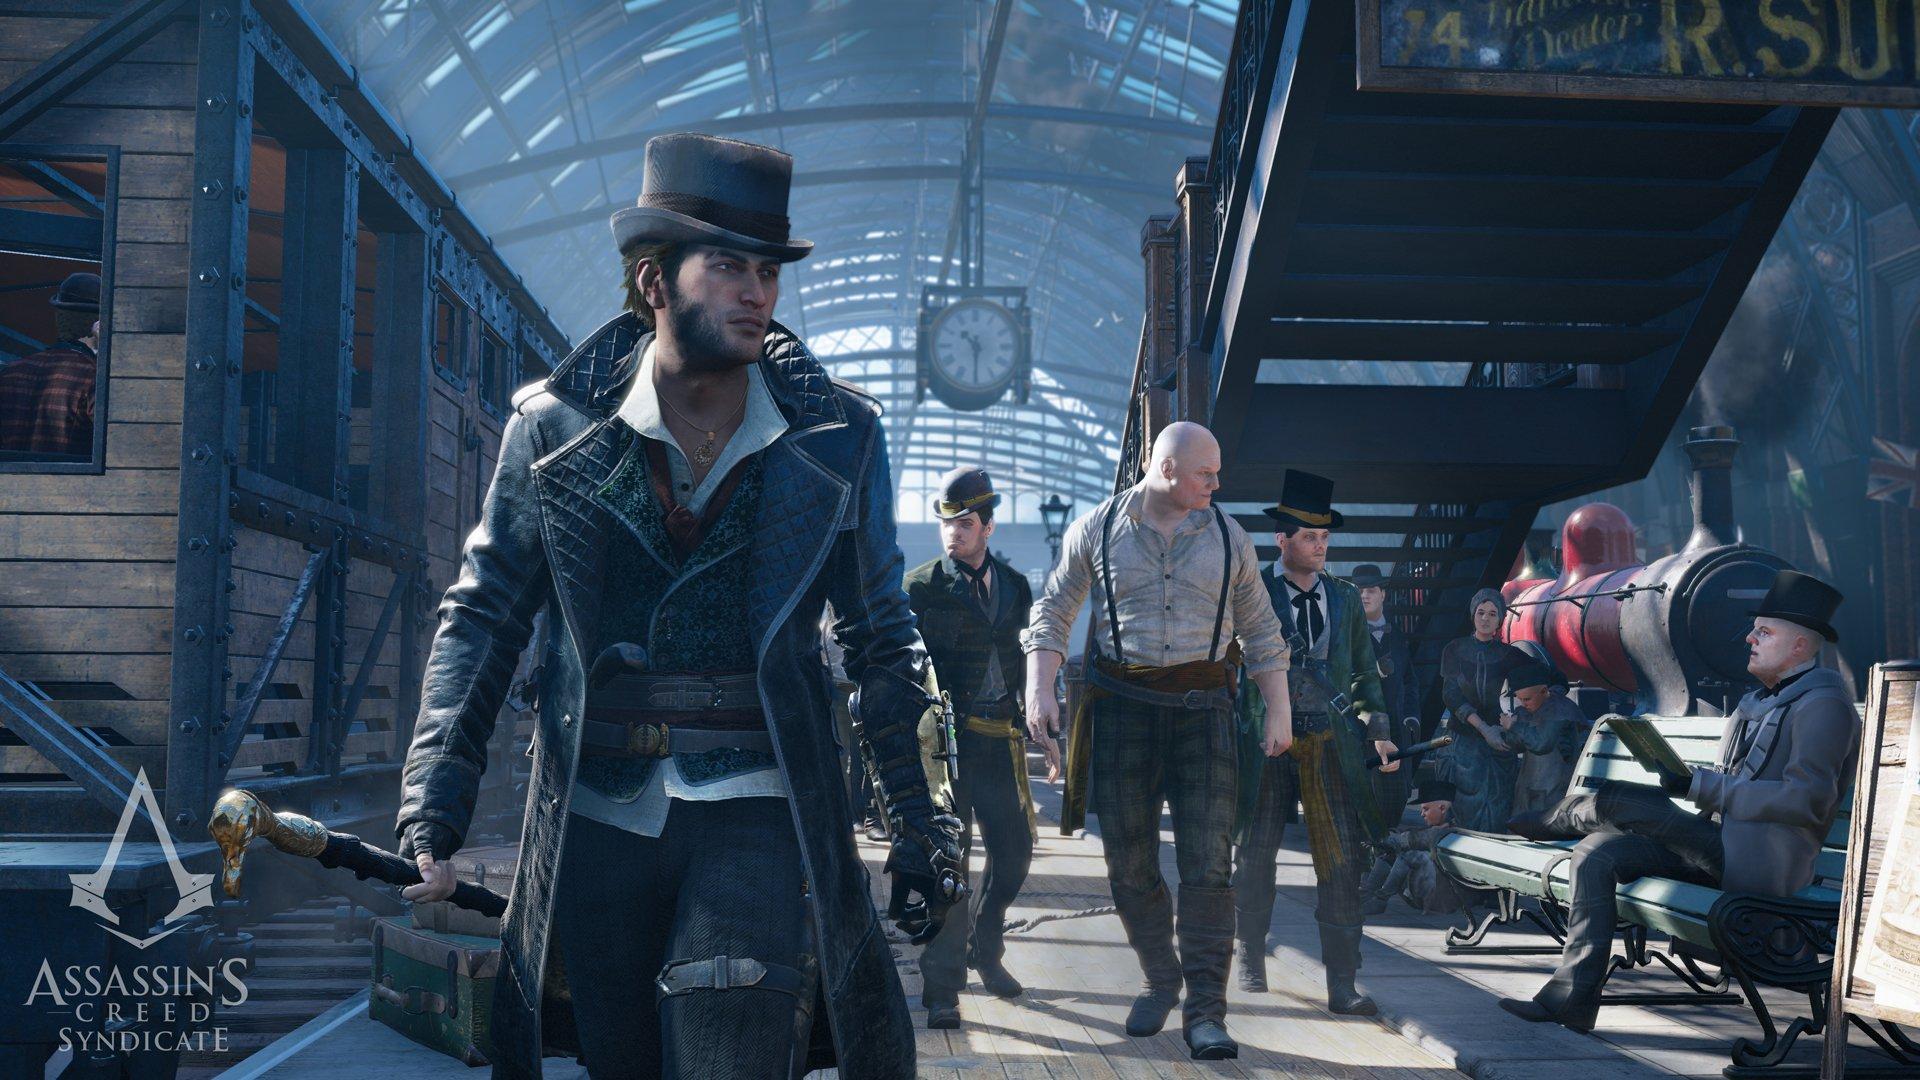 Почему Assassin's Creed Syndicate лучше чем Ведьмак 3 - Изображение 3